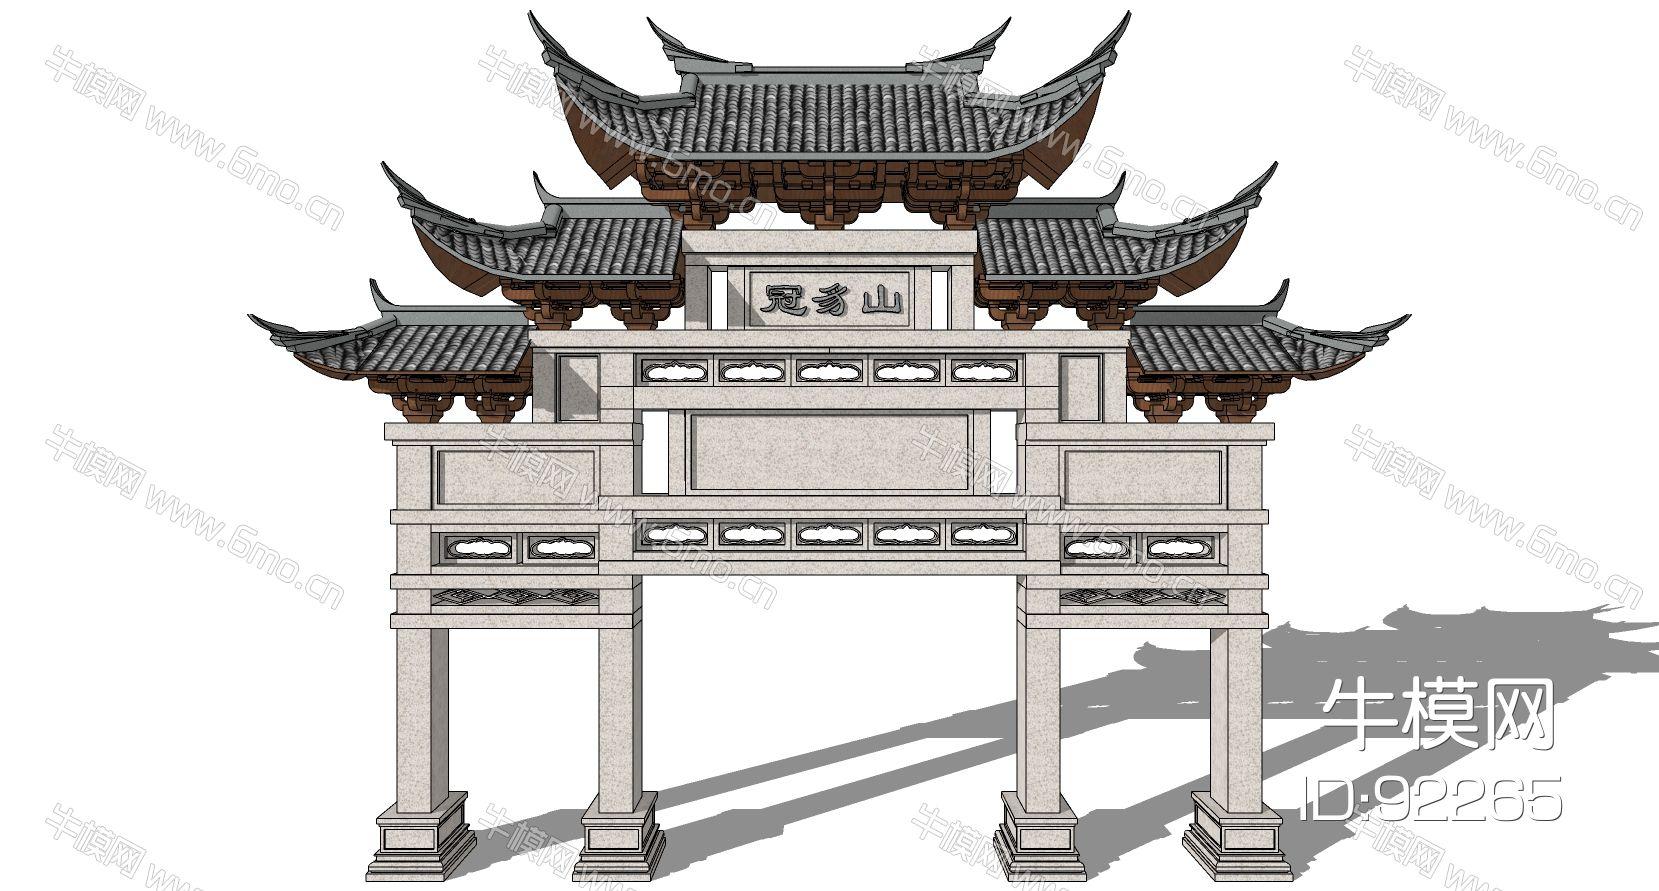 中式建筑牌楼斗拱